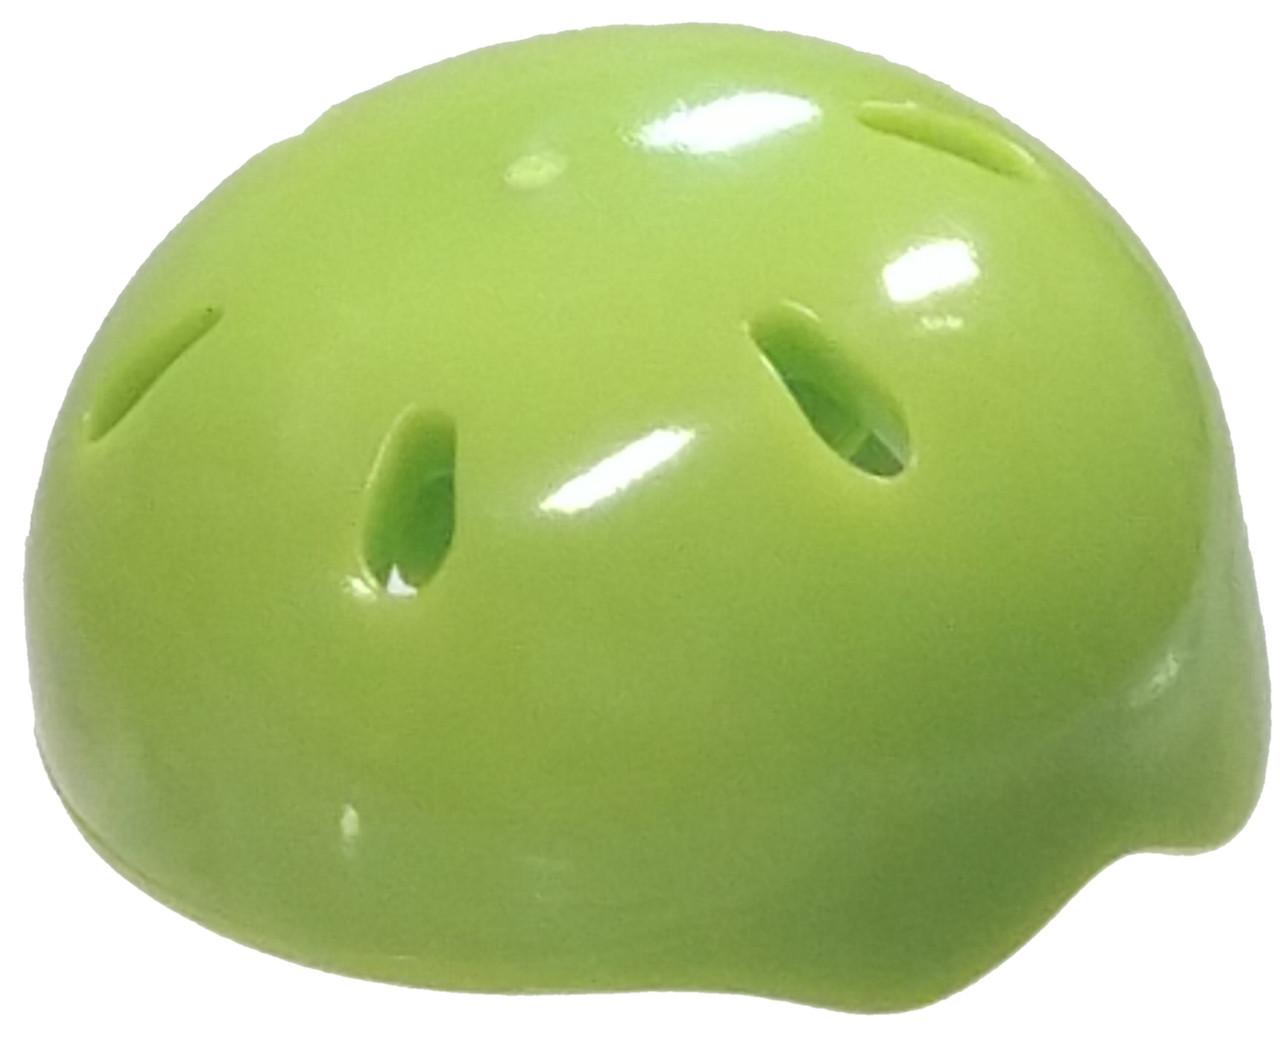 b4dbd1ae LEGO Headgear Lime Green Bike Helmet Loose - ToyWiz